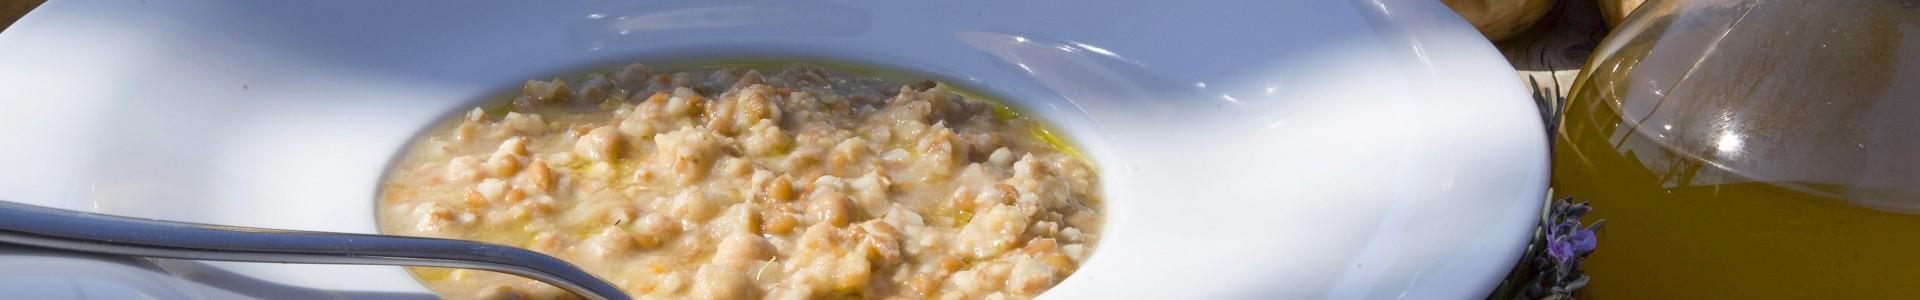 Zuppe biologiche pronte secche e lessate - Il Cerreto